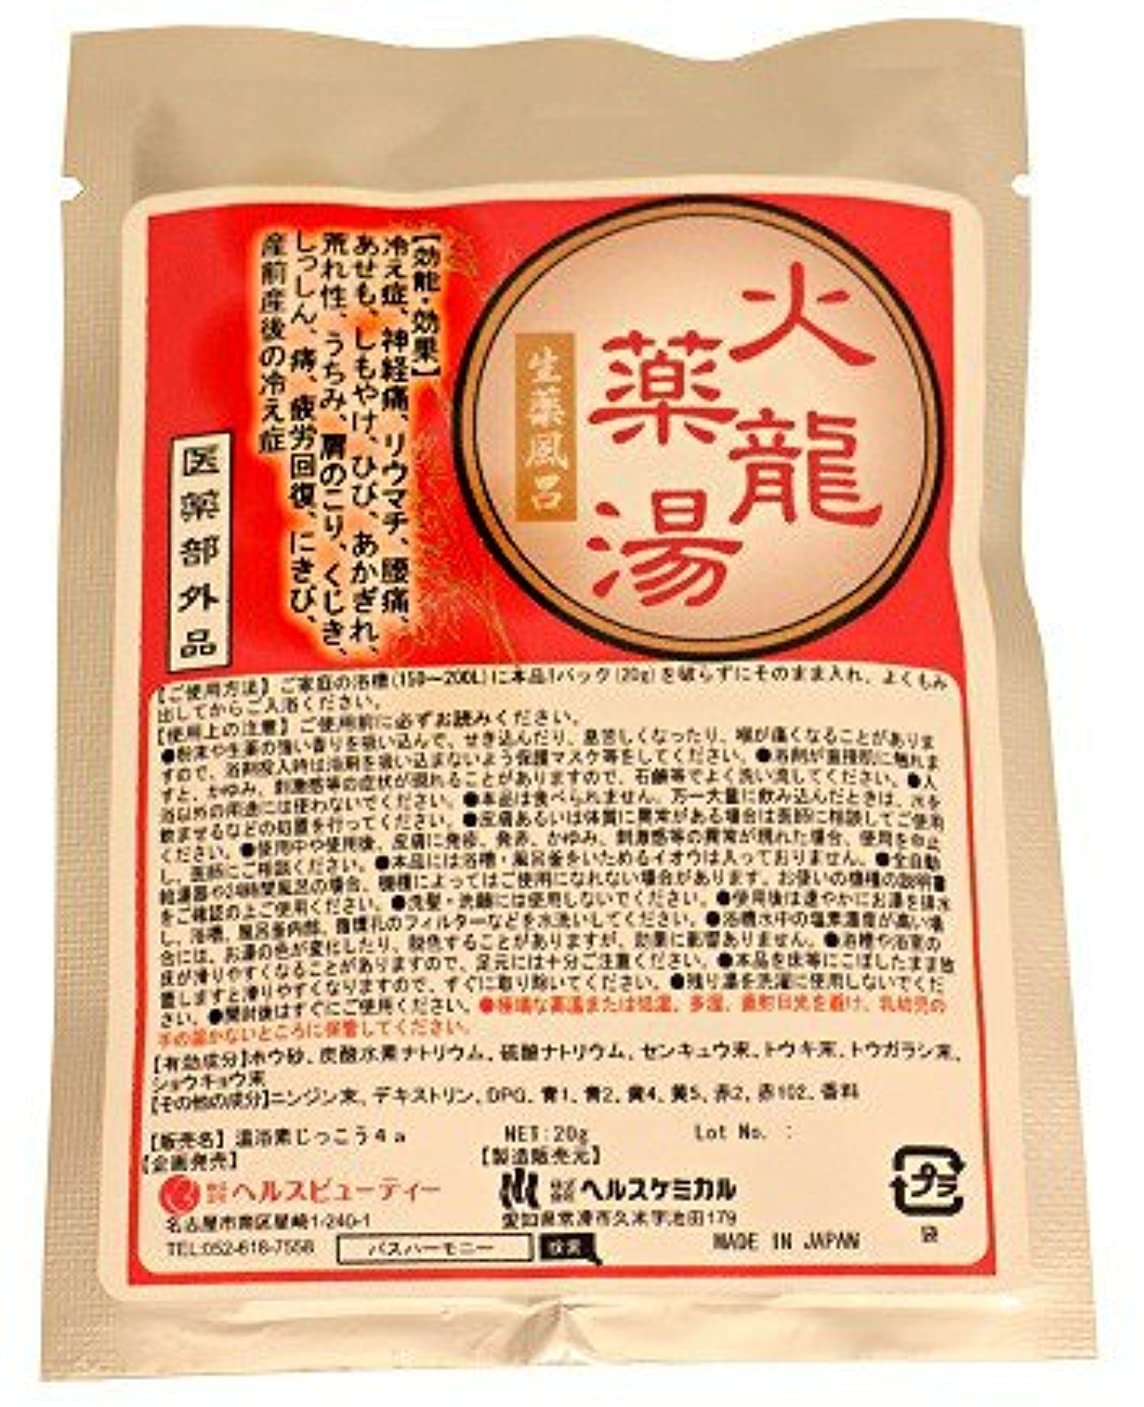 平和気絶させる慈悲深い火龍 薬湯 分包 タイプ 1回分 生薬 薬湯 天然生薬 の 香り 医薬部外品